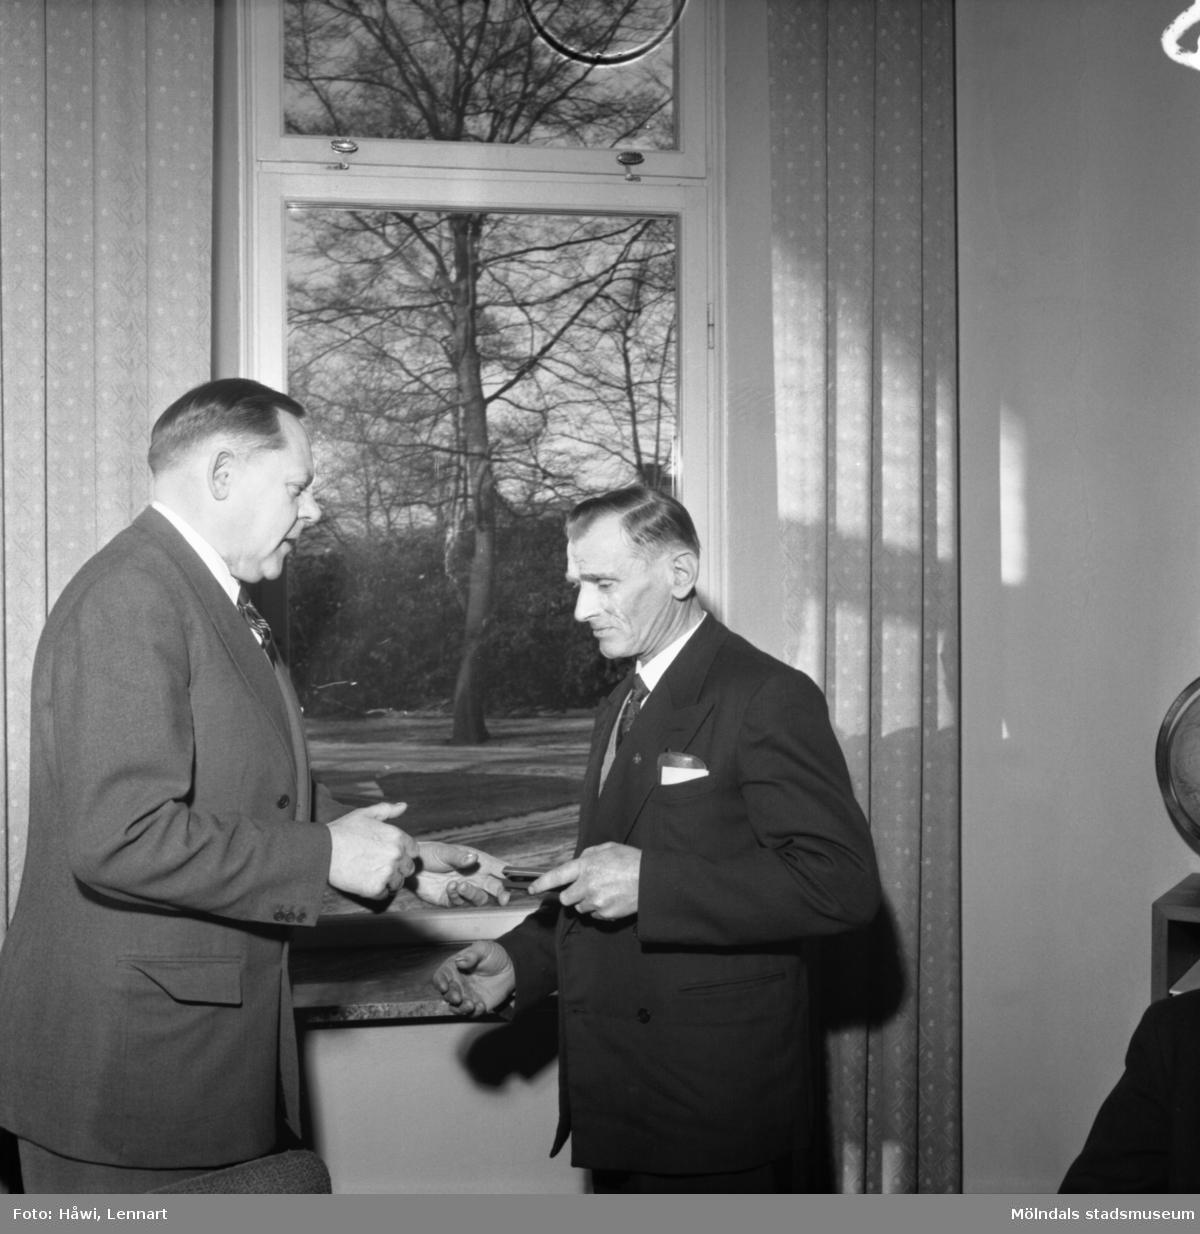 AB Mölndal, utdelning av minnesgåvan 1958. Papyrus i Mölndal, 21/1 1958.